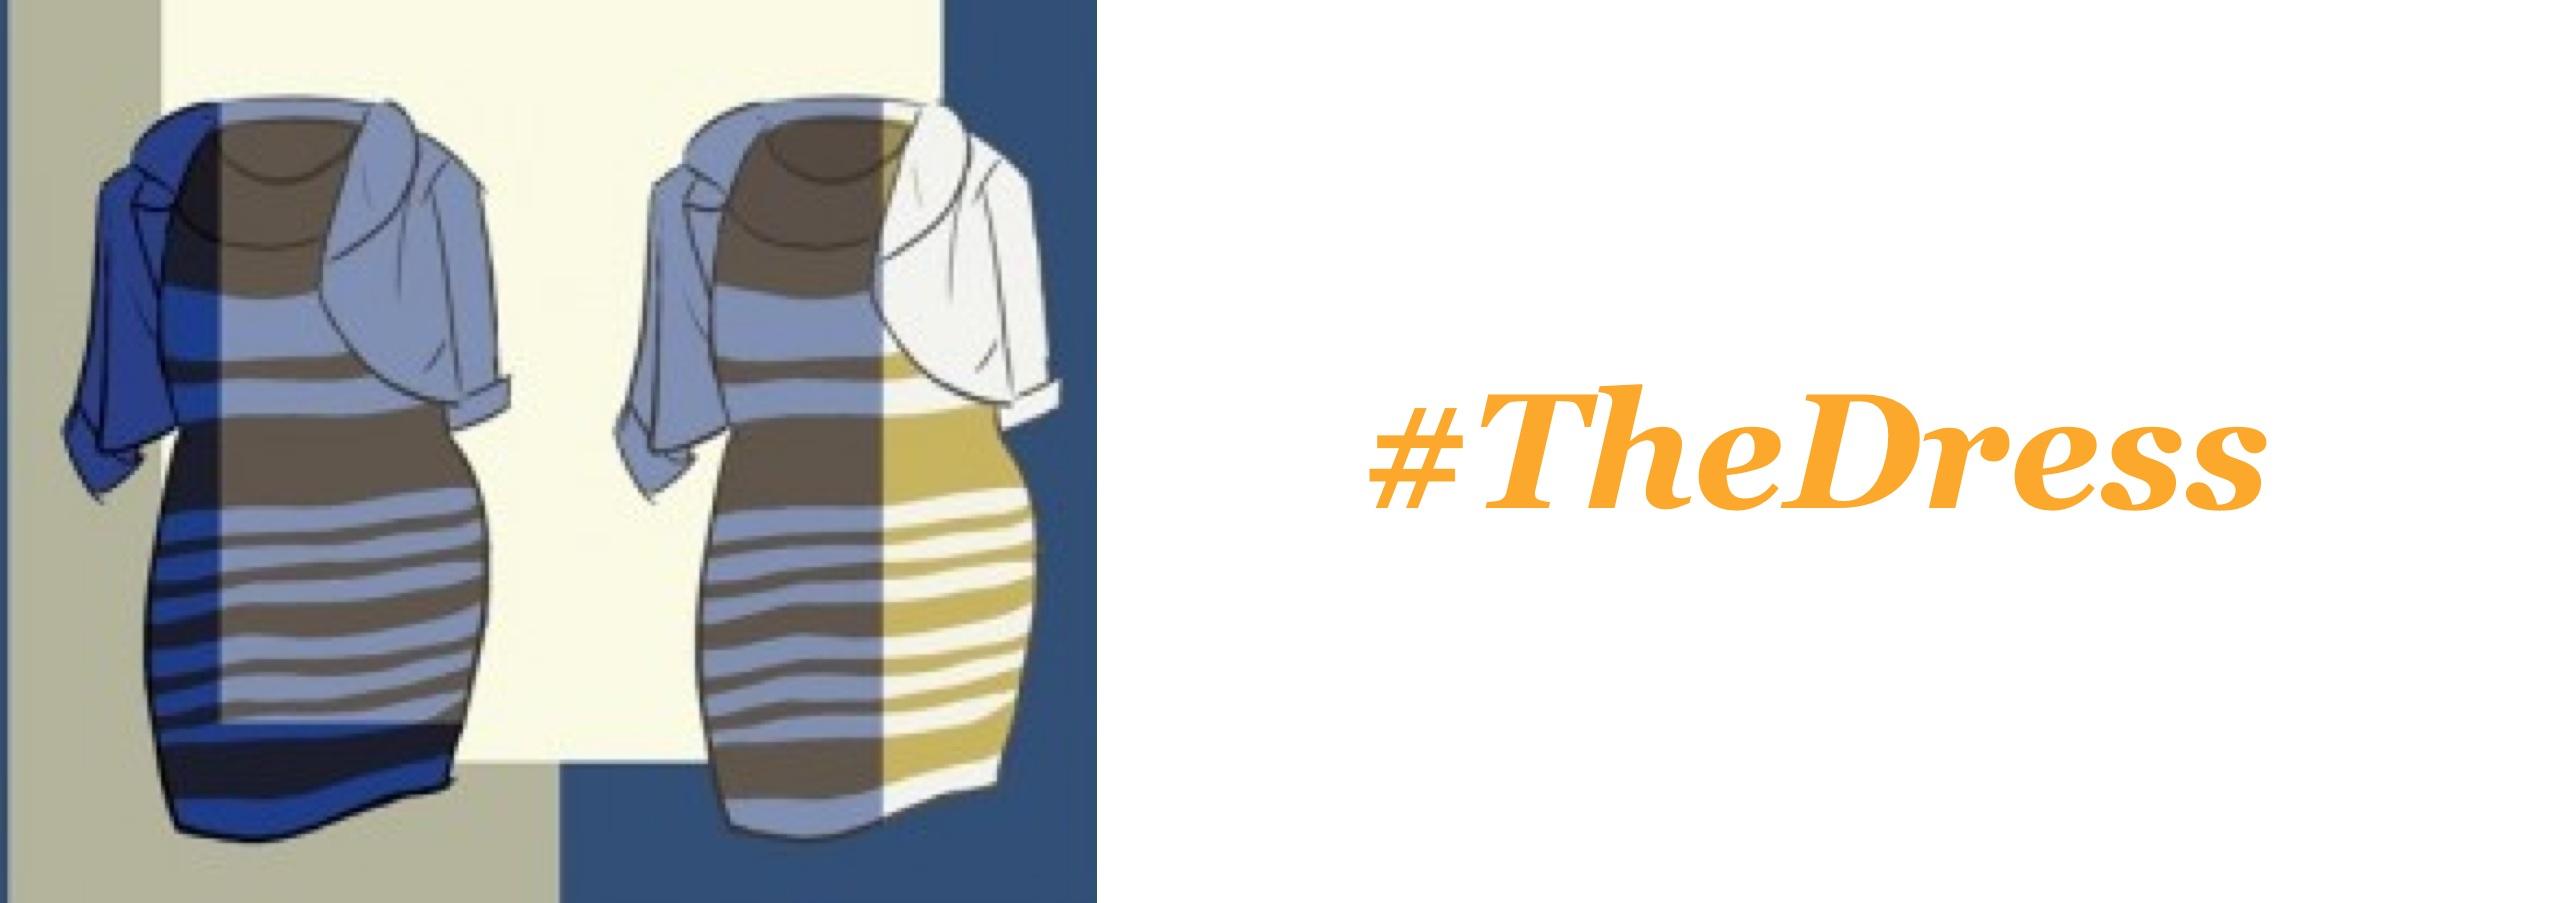 #TheDress - Cómo lo vemos en Corporate